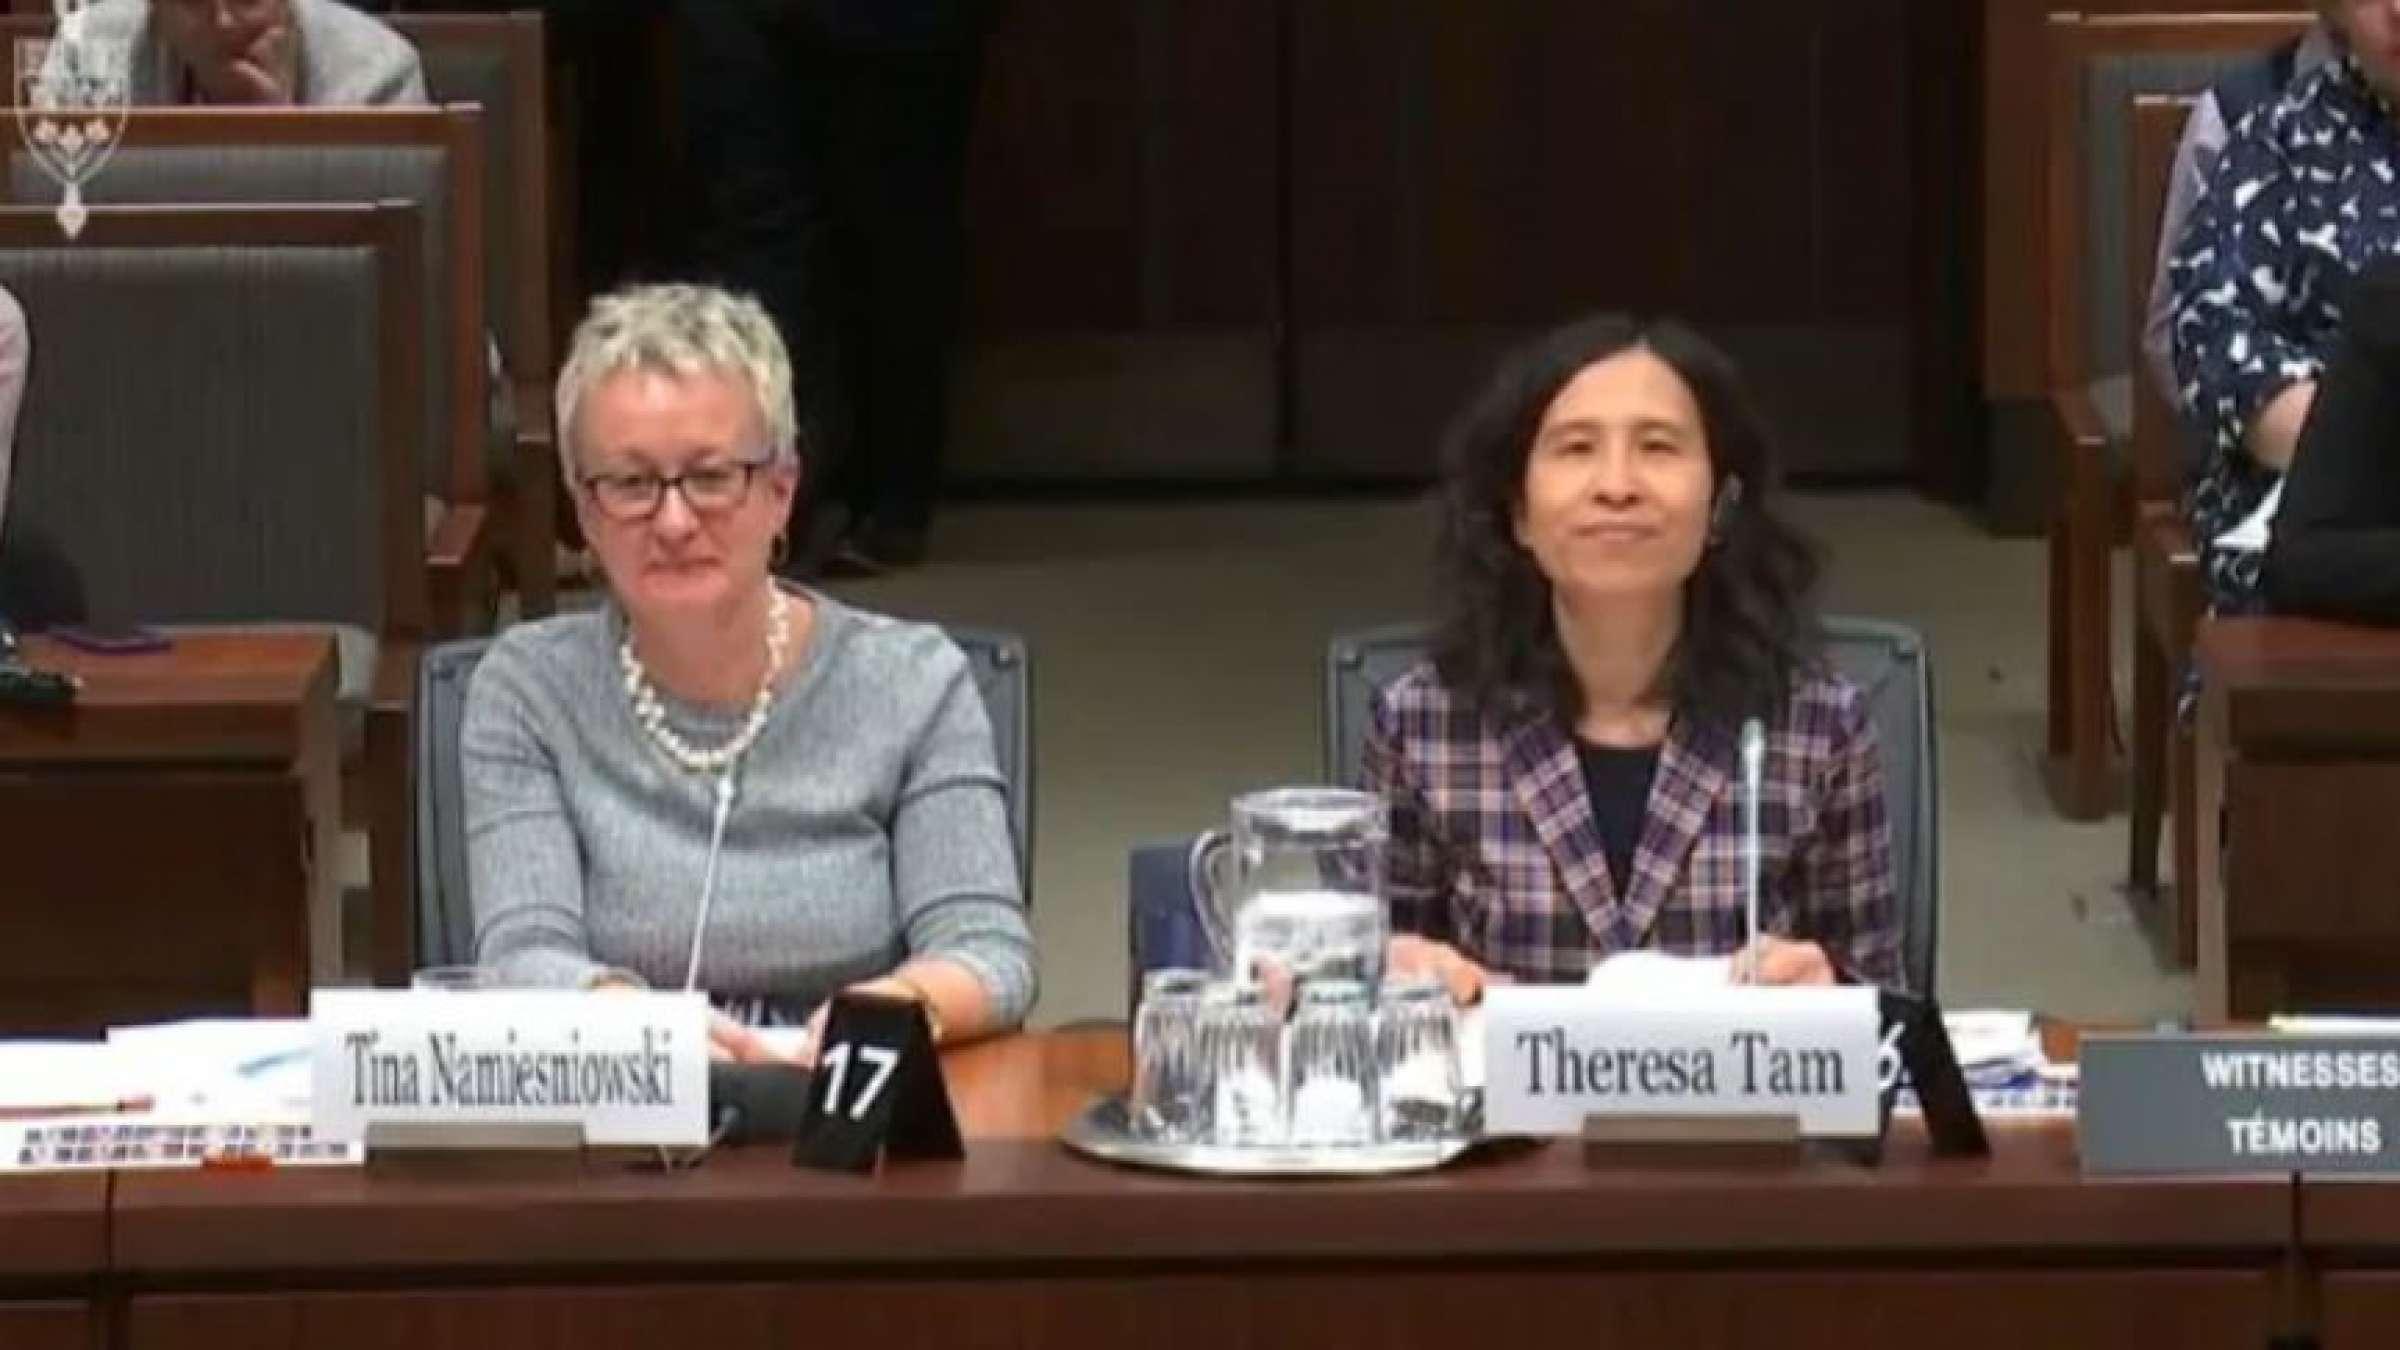 استعفاء-رئیس-آژانس-بهداشت-عمومی-کانادا-با-شیوع-دوباره-کرونا- انتقادها-از-بهداشت-عمومی-کانادا-چیست؟